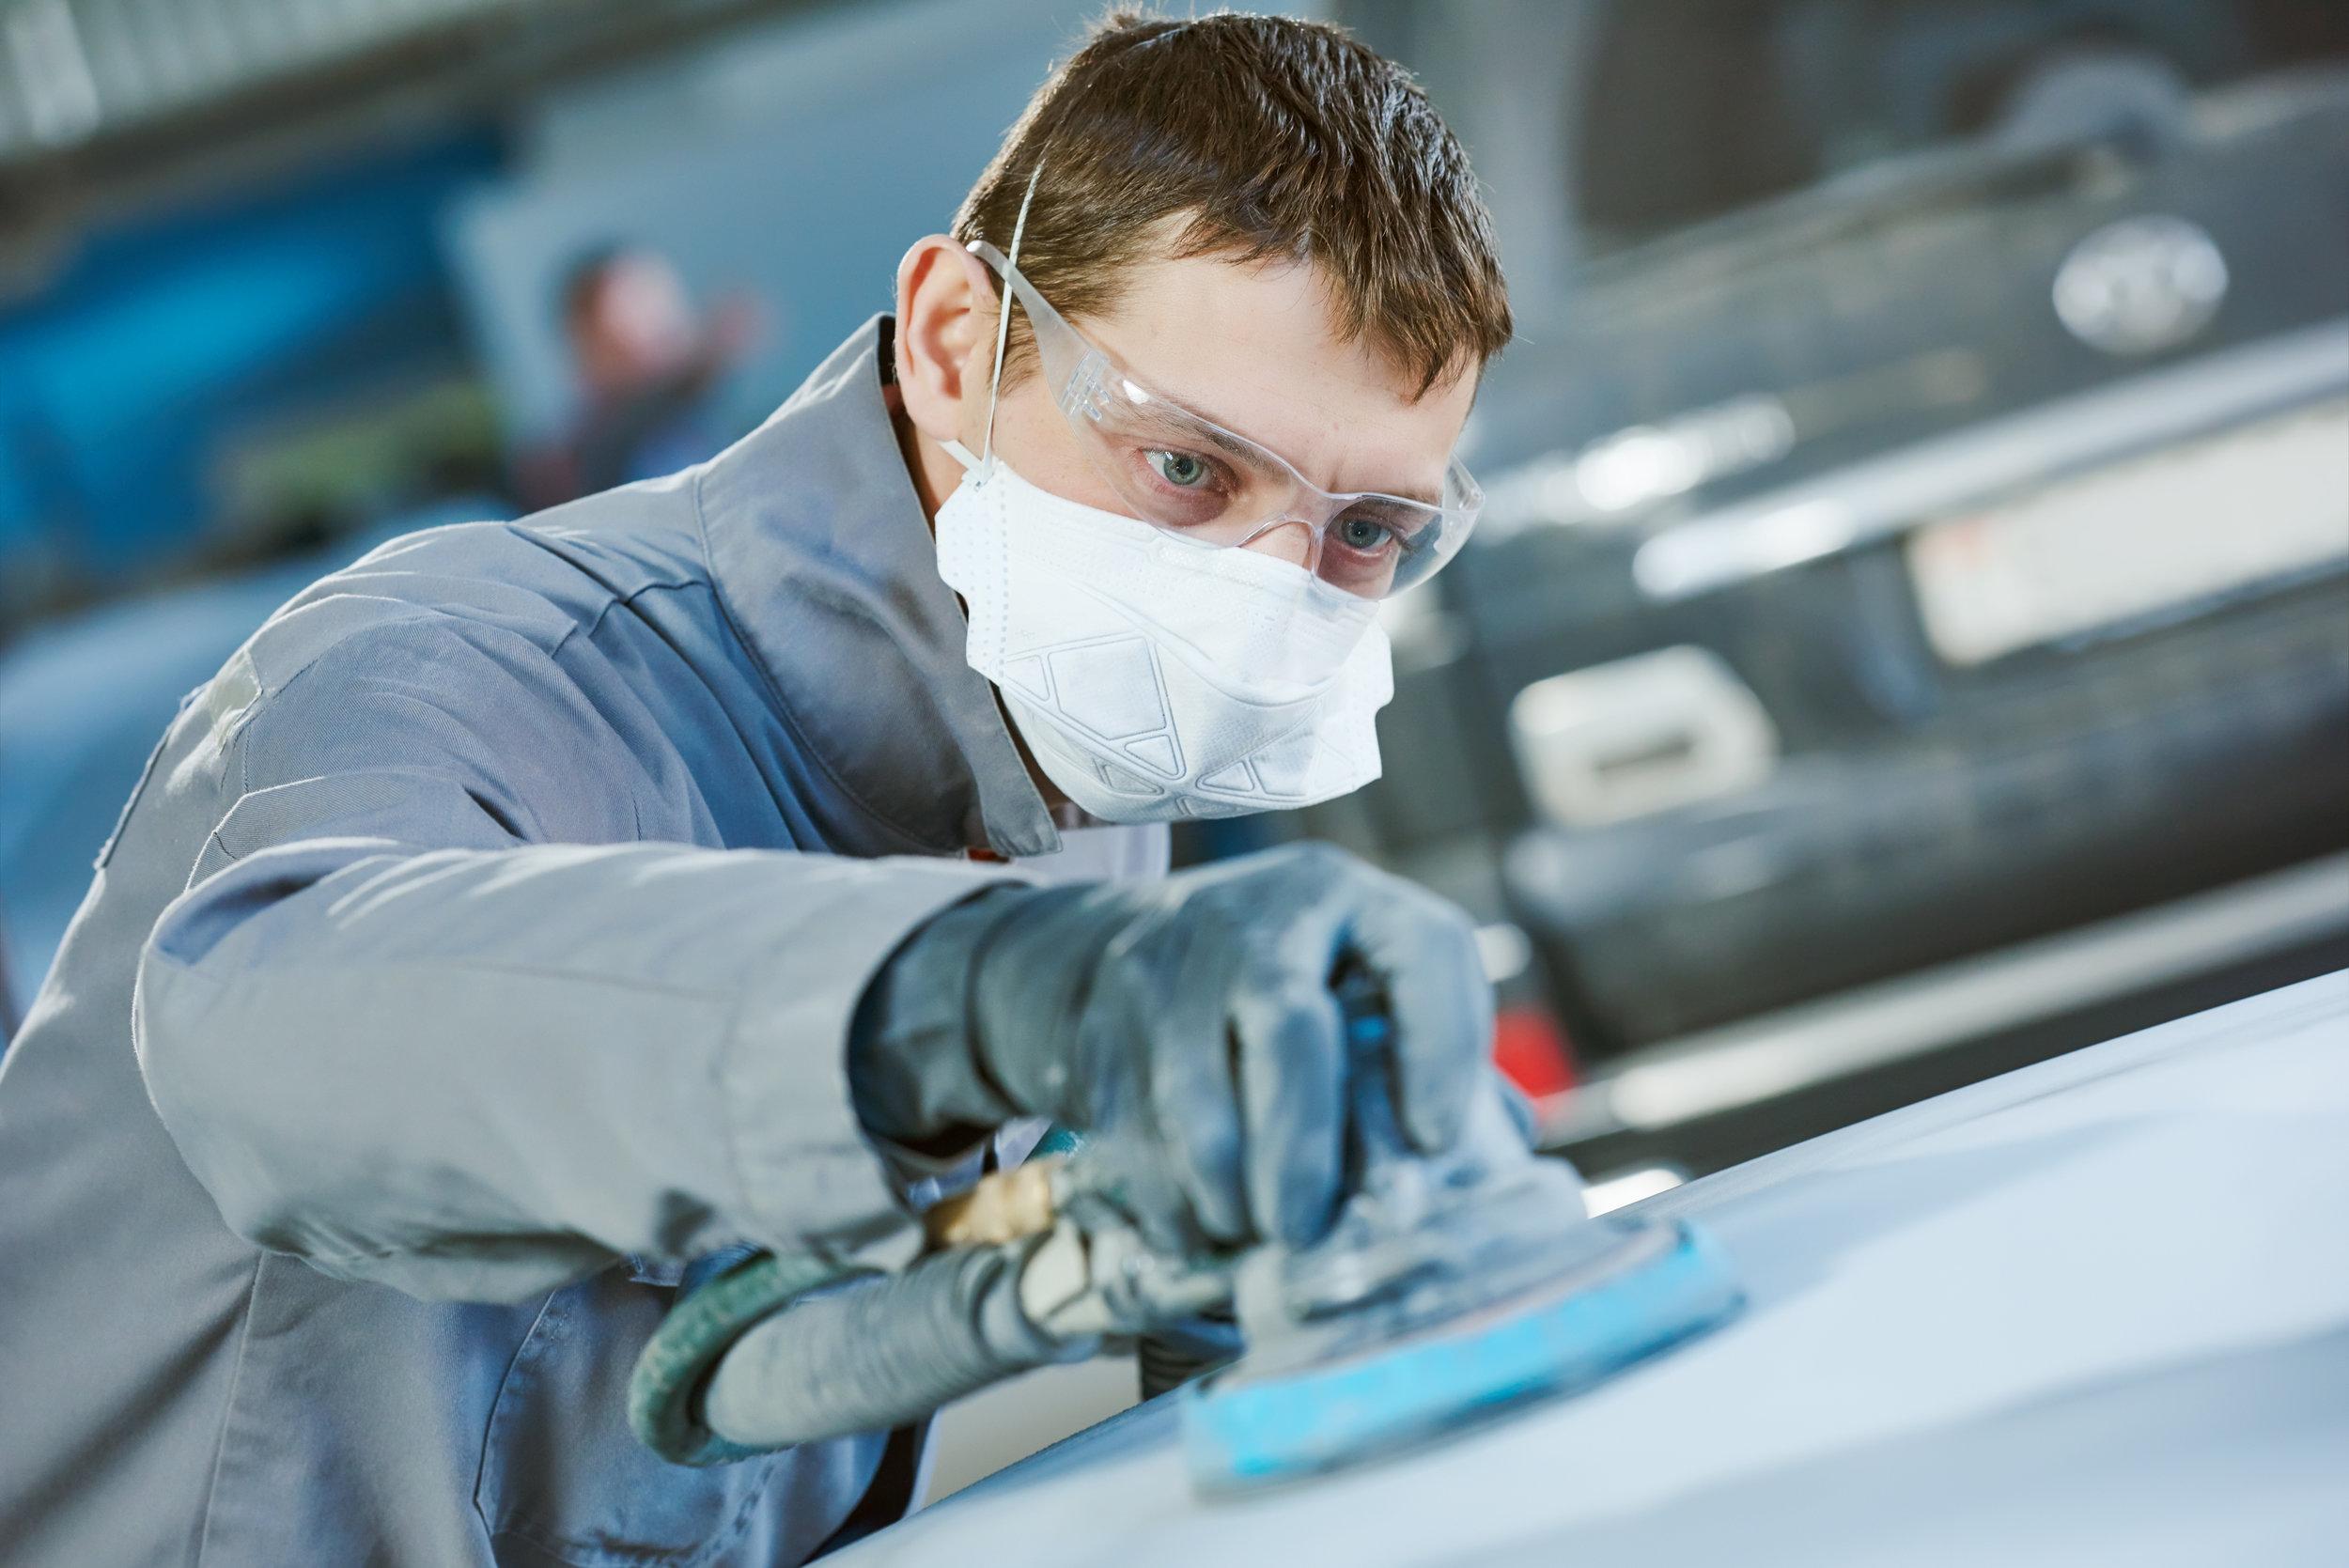 Cutrubus Autobody Repair